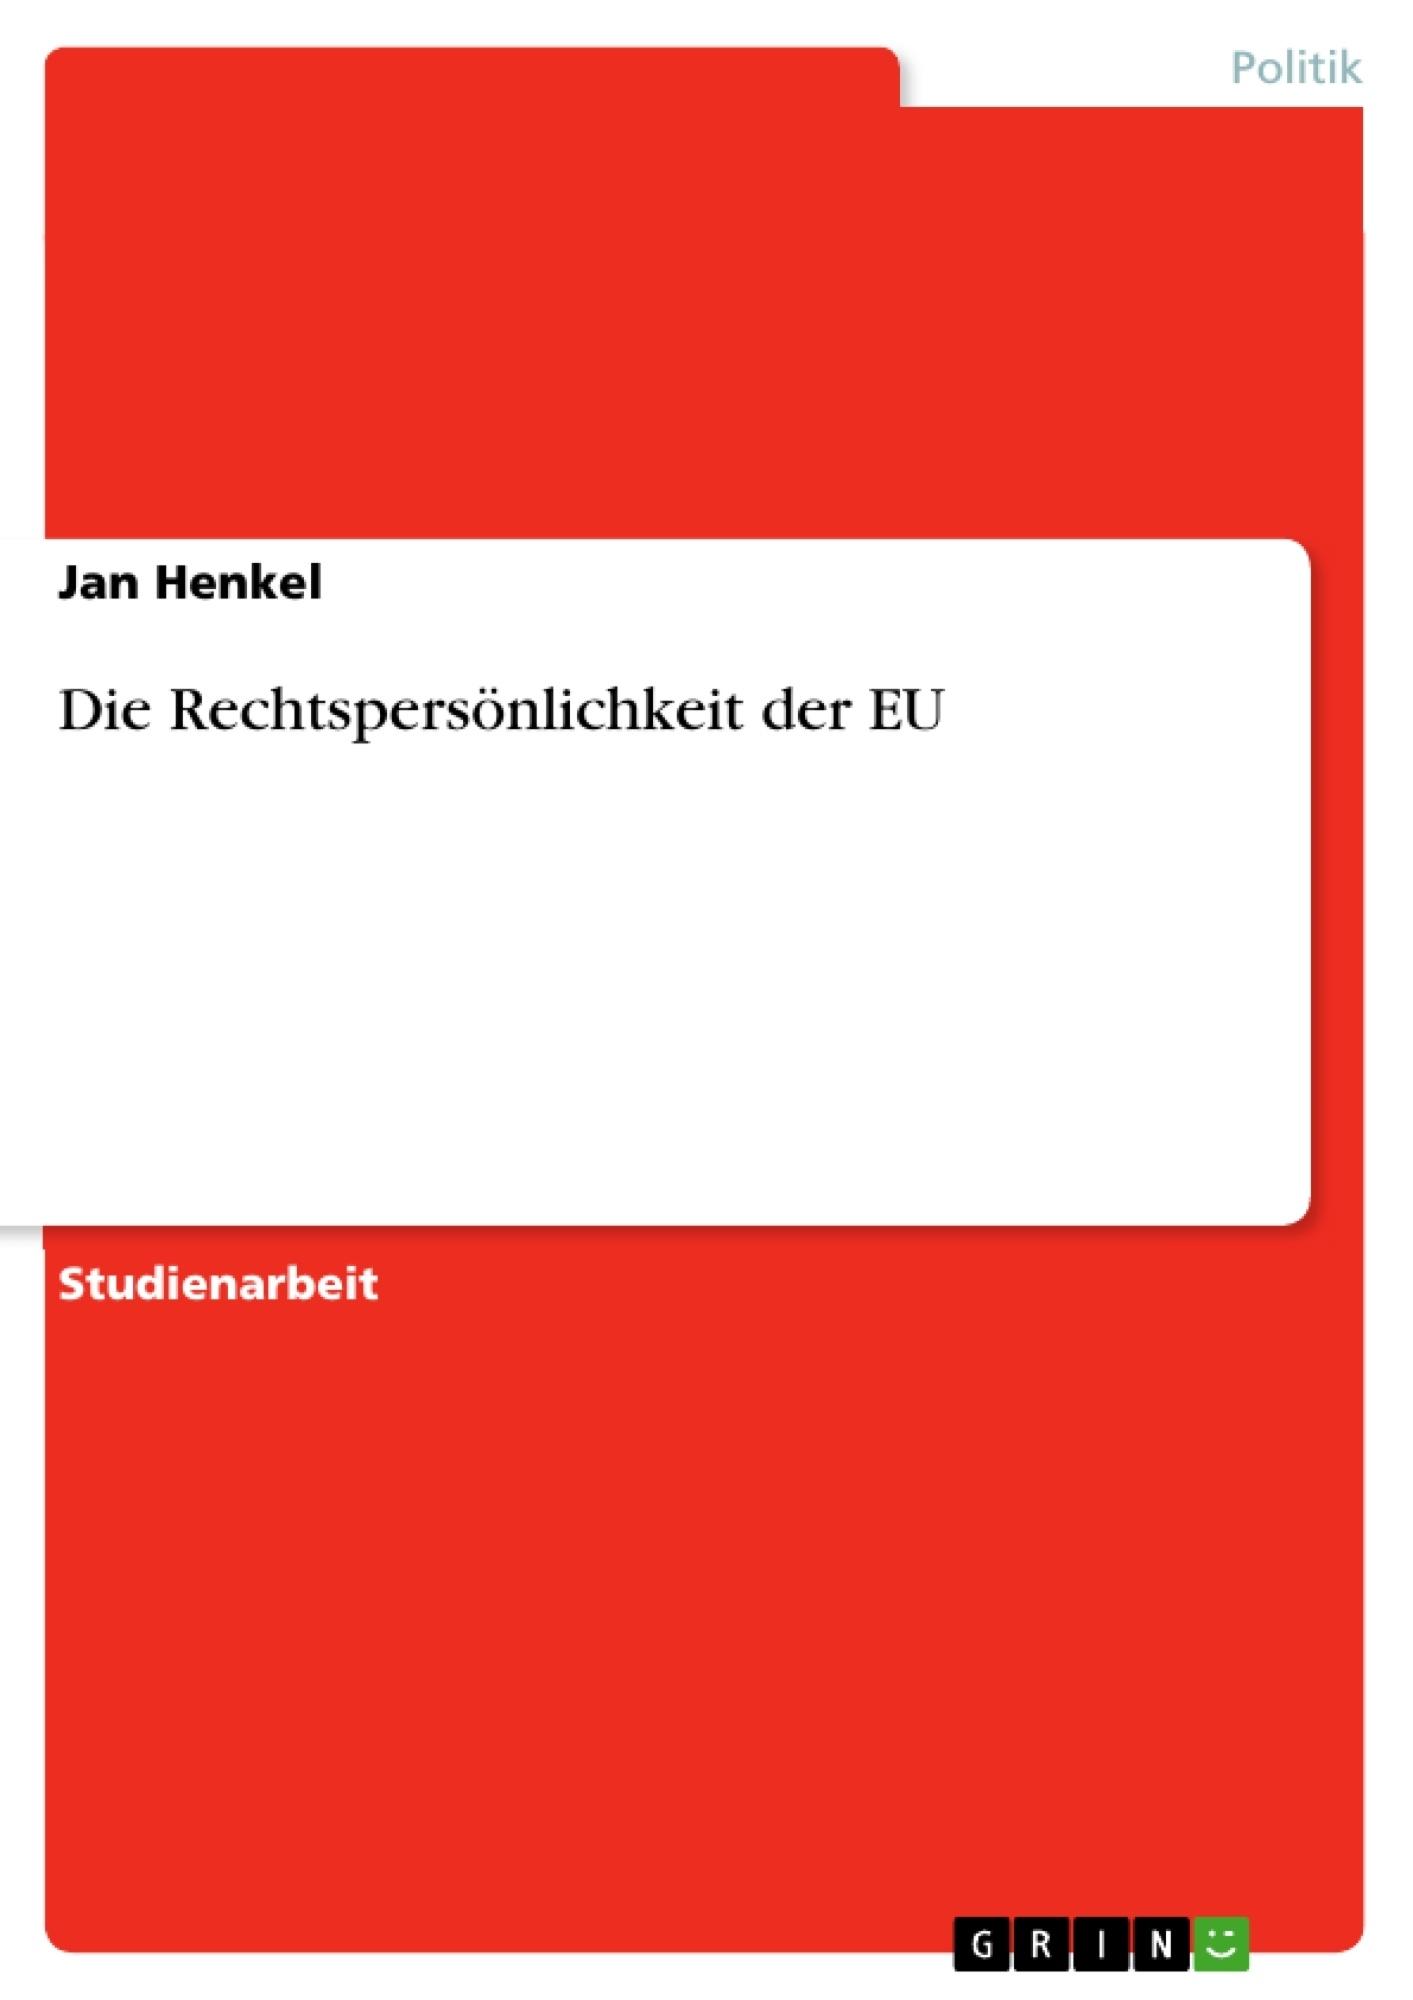 Titel: Die Rechtspersönlichkeit der EU